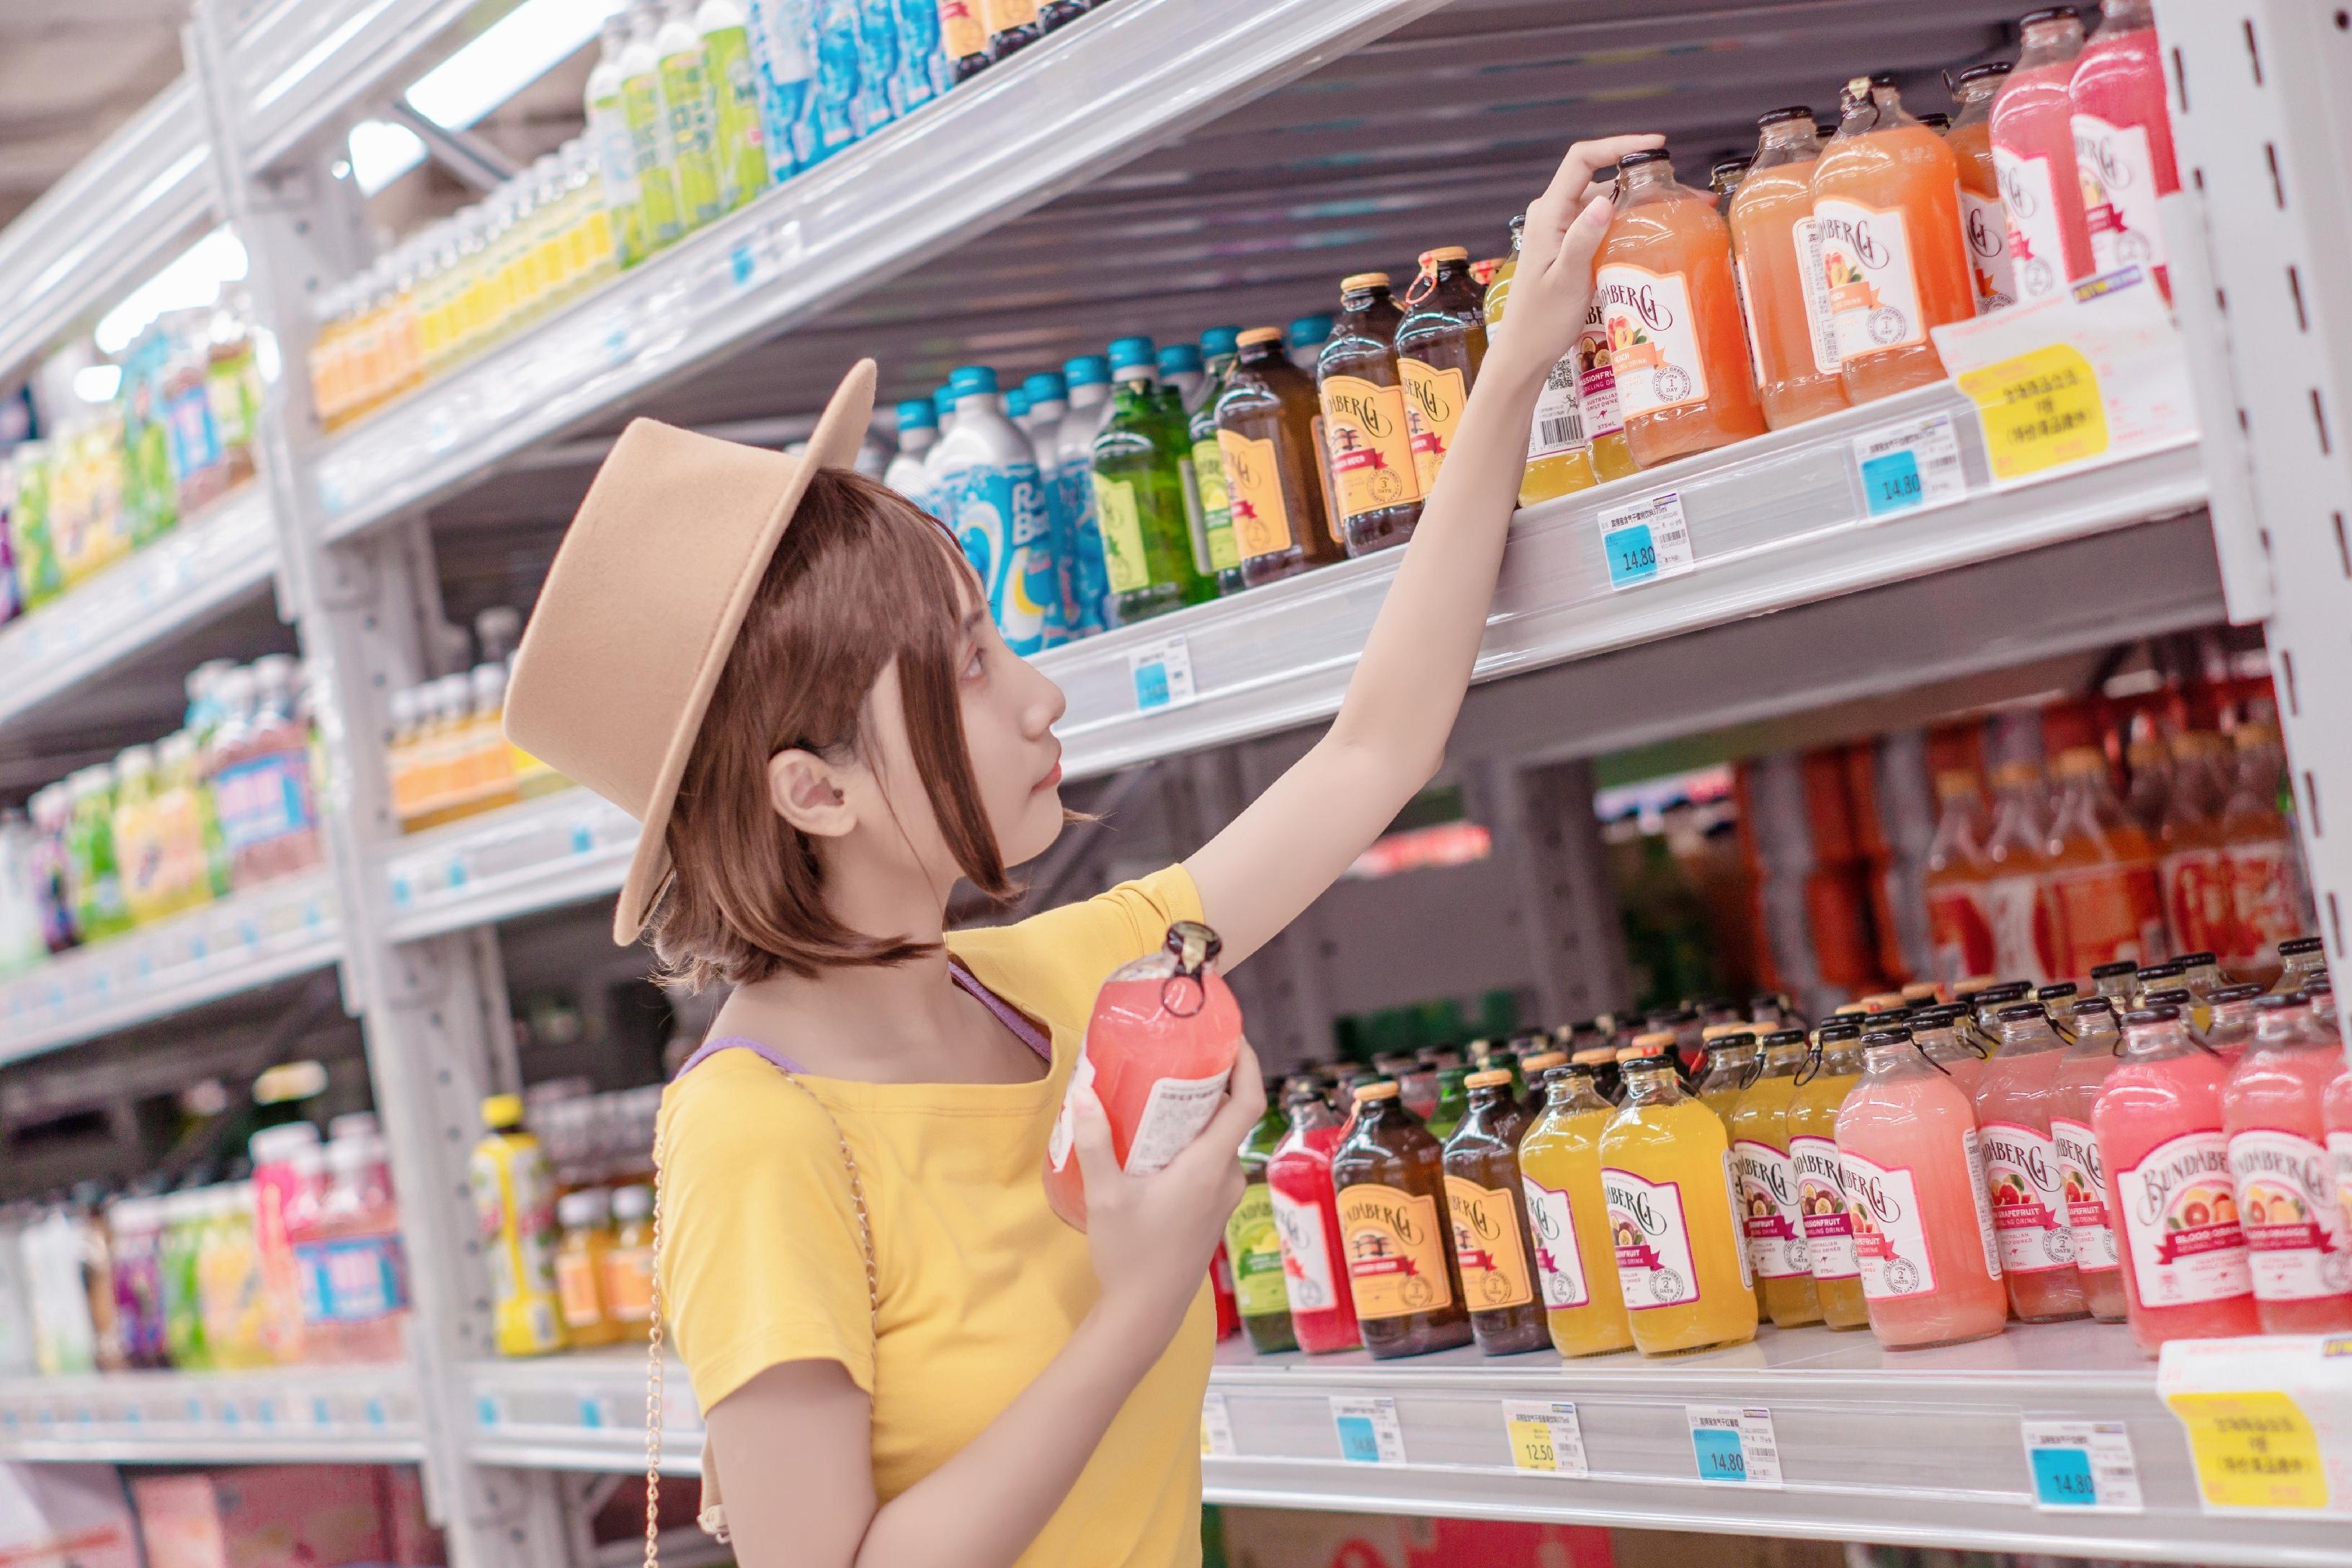 《数码宝贝》正片cosplay【CN:竹涧林洇】-第7张